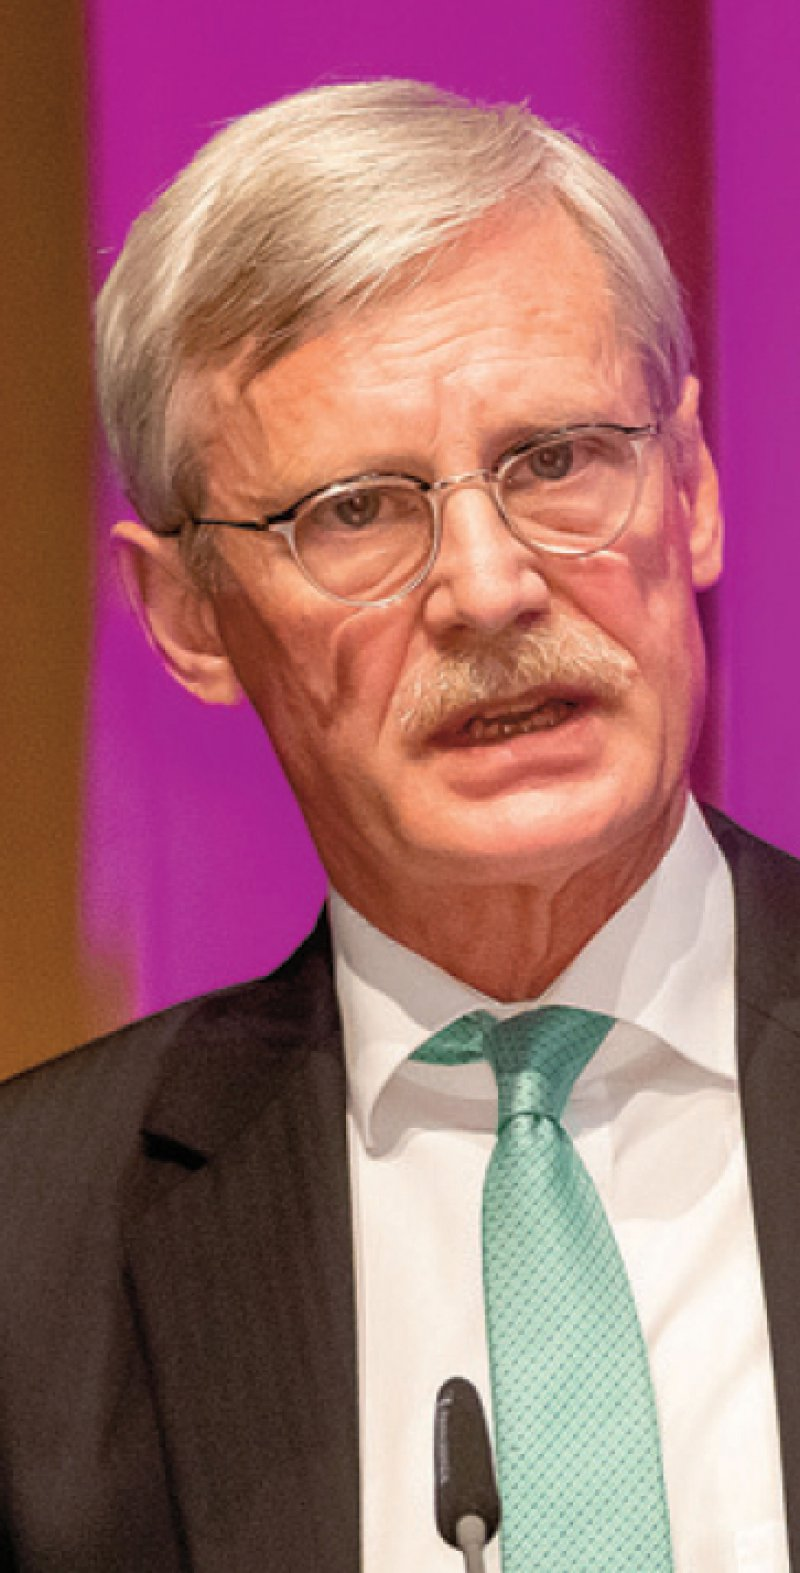 """Thomas Kriedel: """"Wir, die Akteure im Gesundheitswesen, können die Digitalisierung am besten gestalten."""" Foto: Georg J. Lopata"""